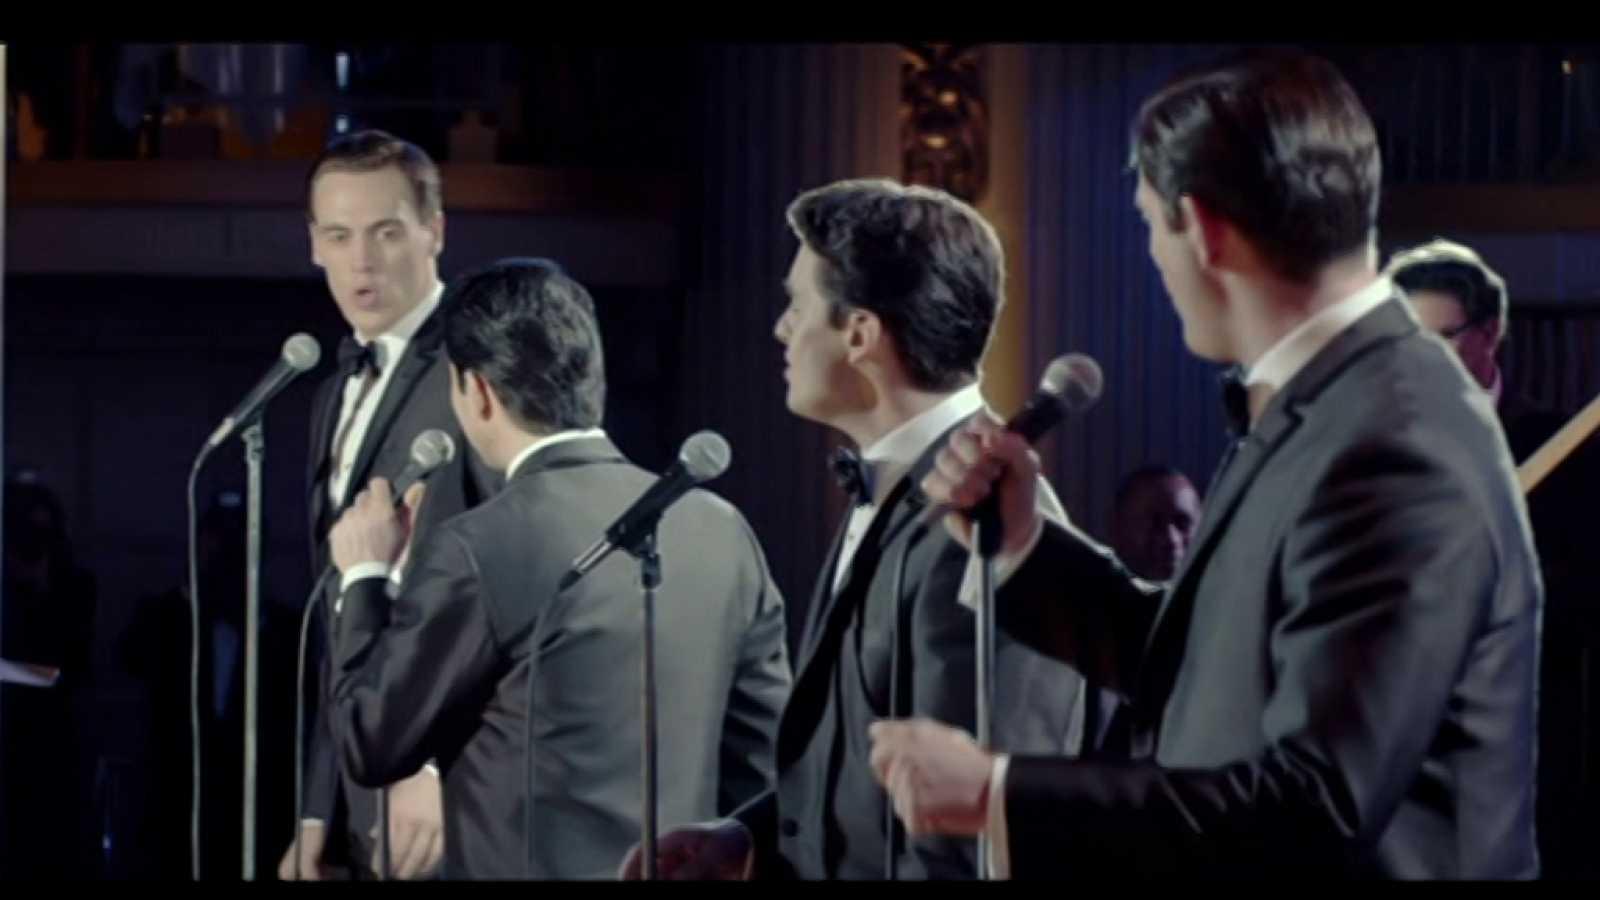 El cine de La 2 - Jersey Boys (presentación) - ver ahora